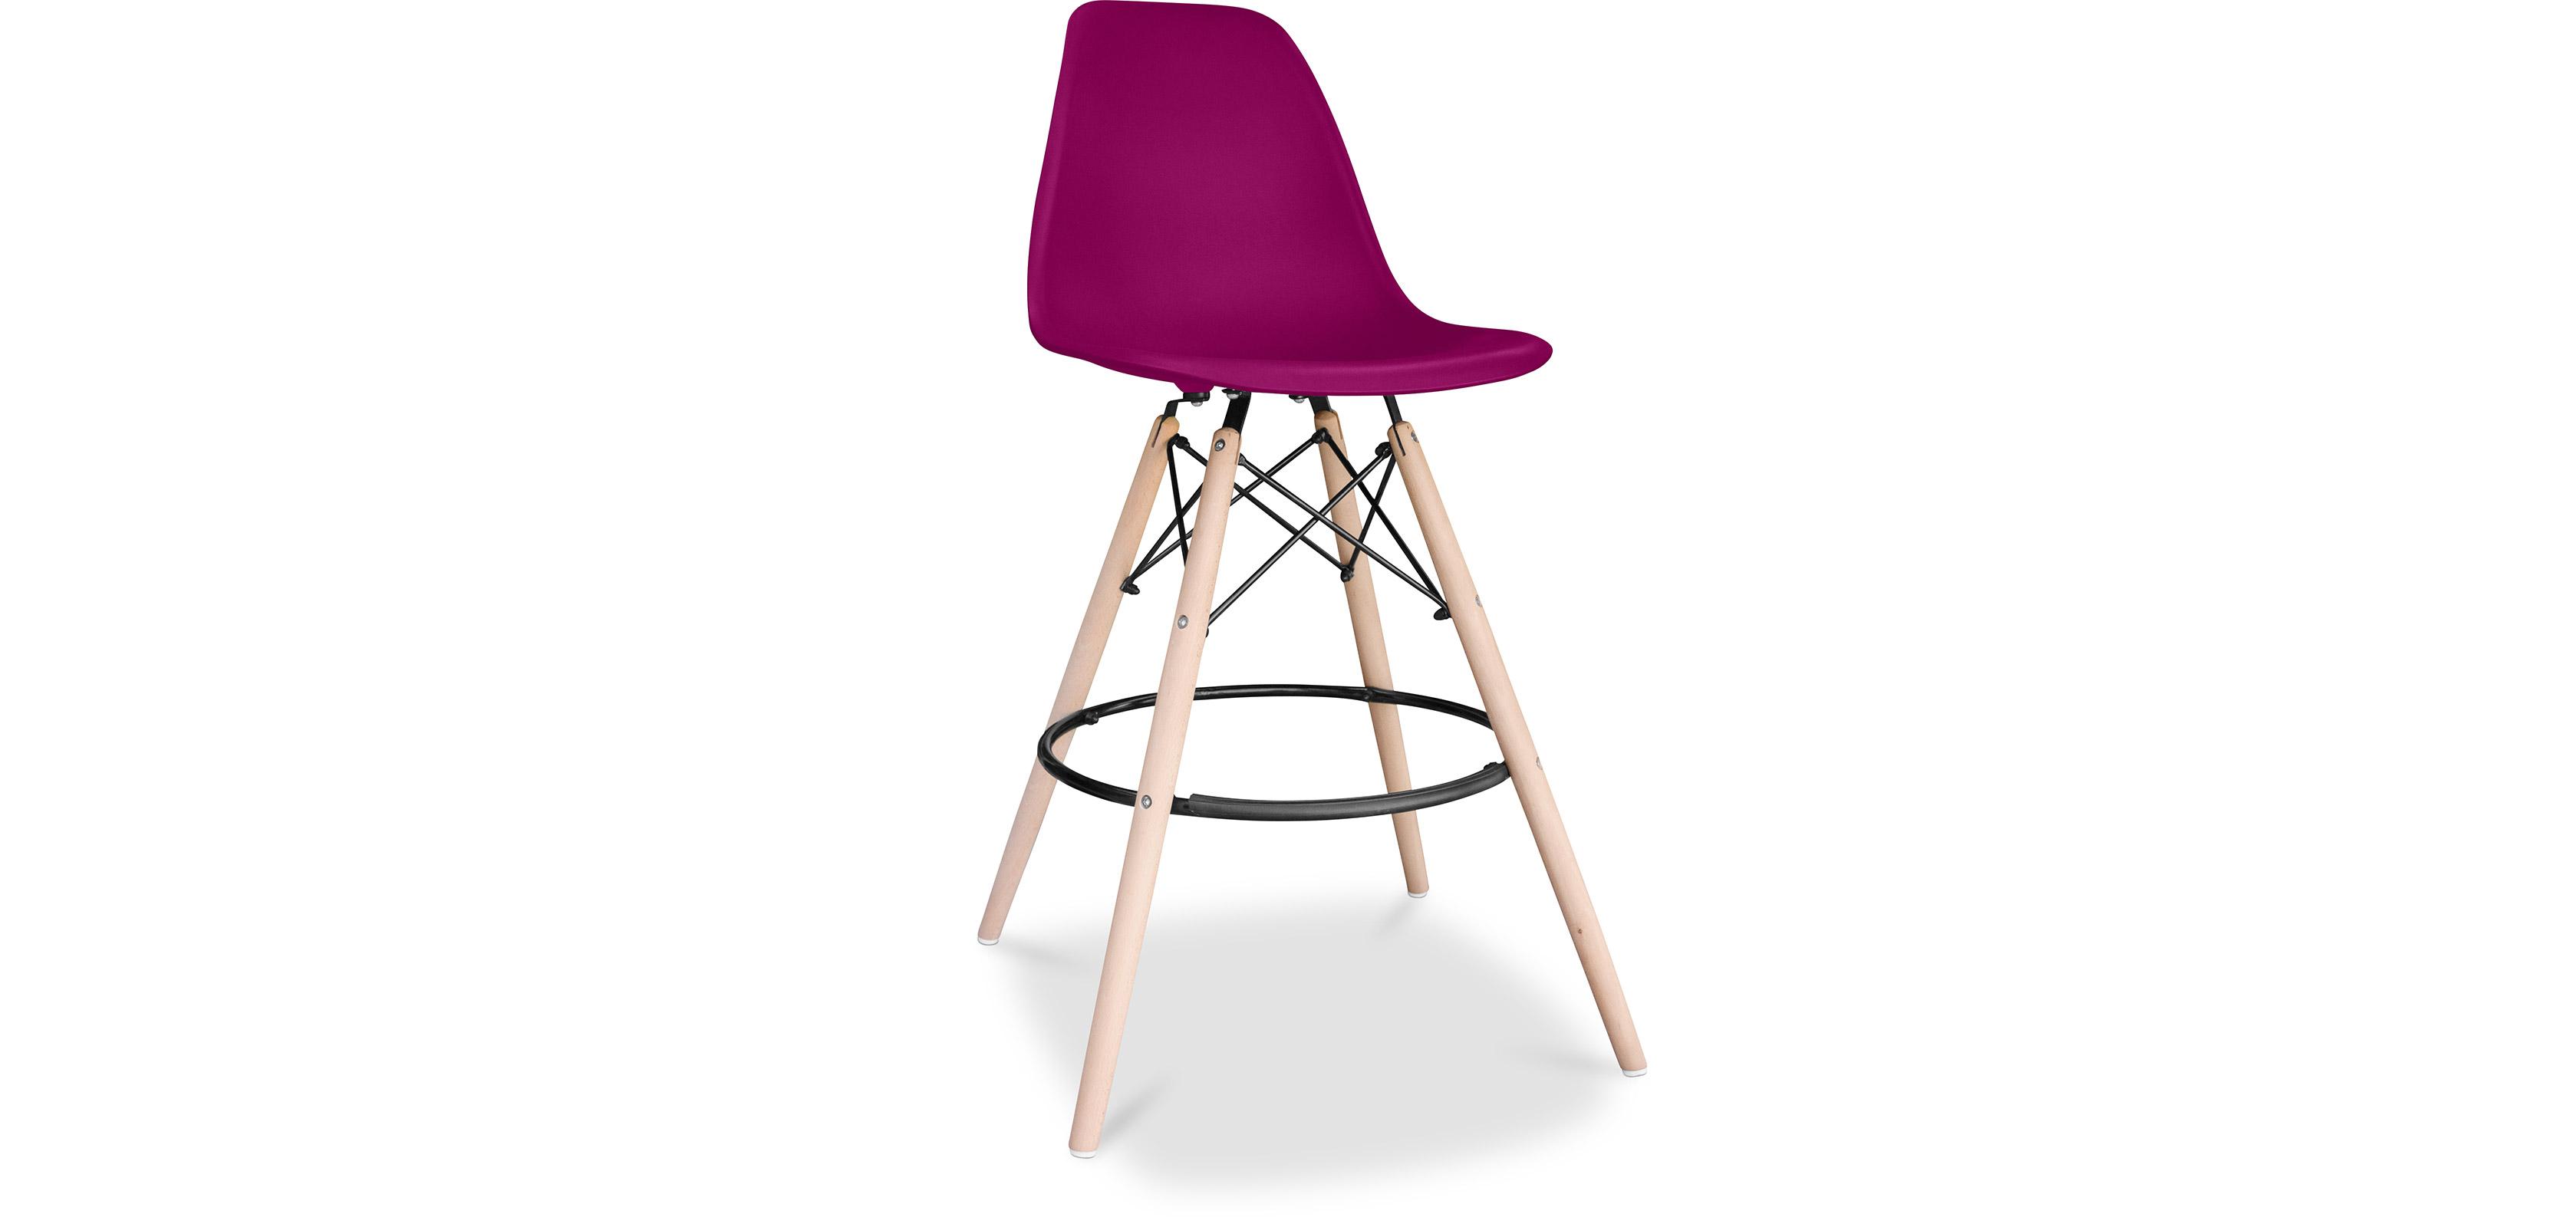 tabouret de bar dsw charles eames. Black Bedroom Furniture Sets. Home Design Ideas